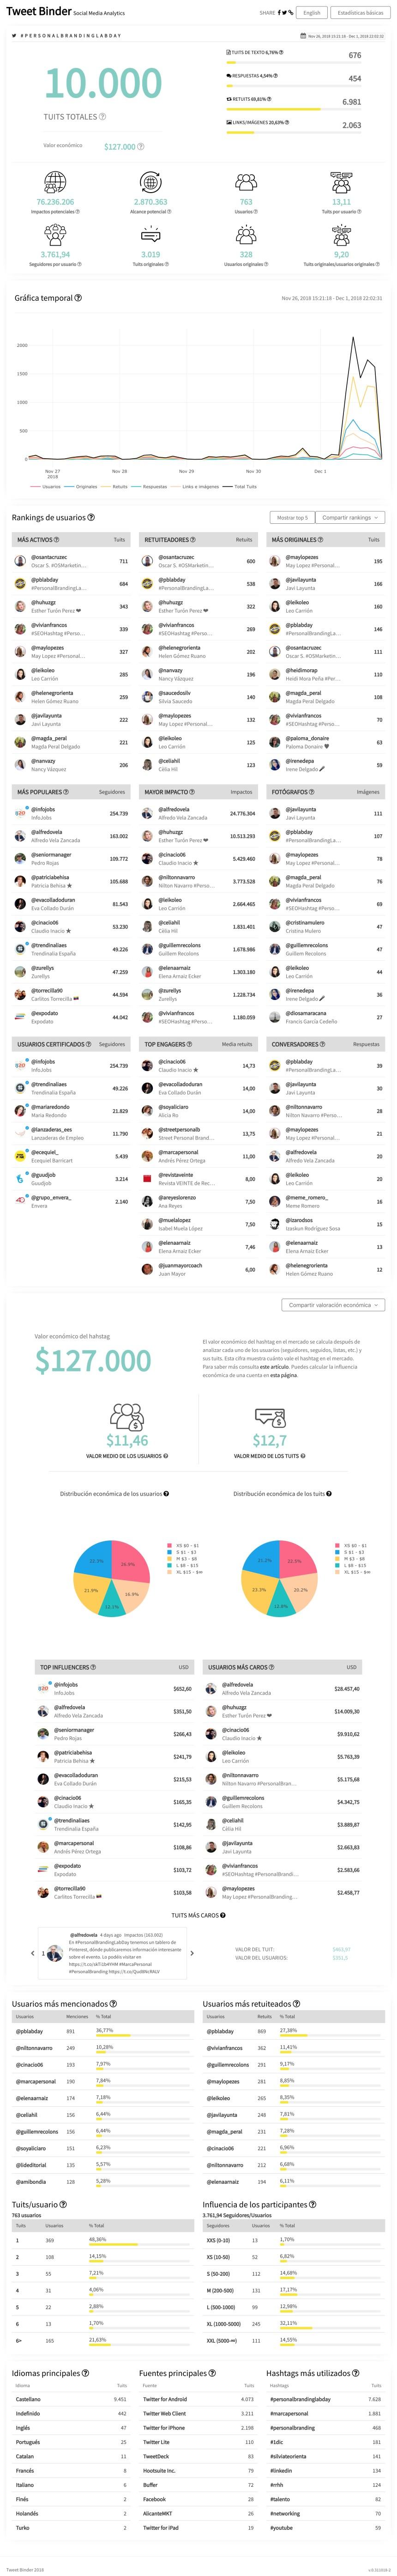 10.000 tweets del #PersonalBrandingLabDay